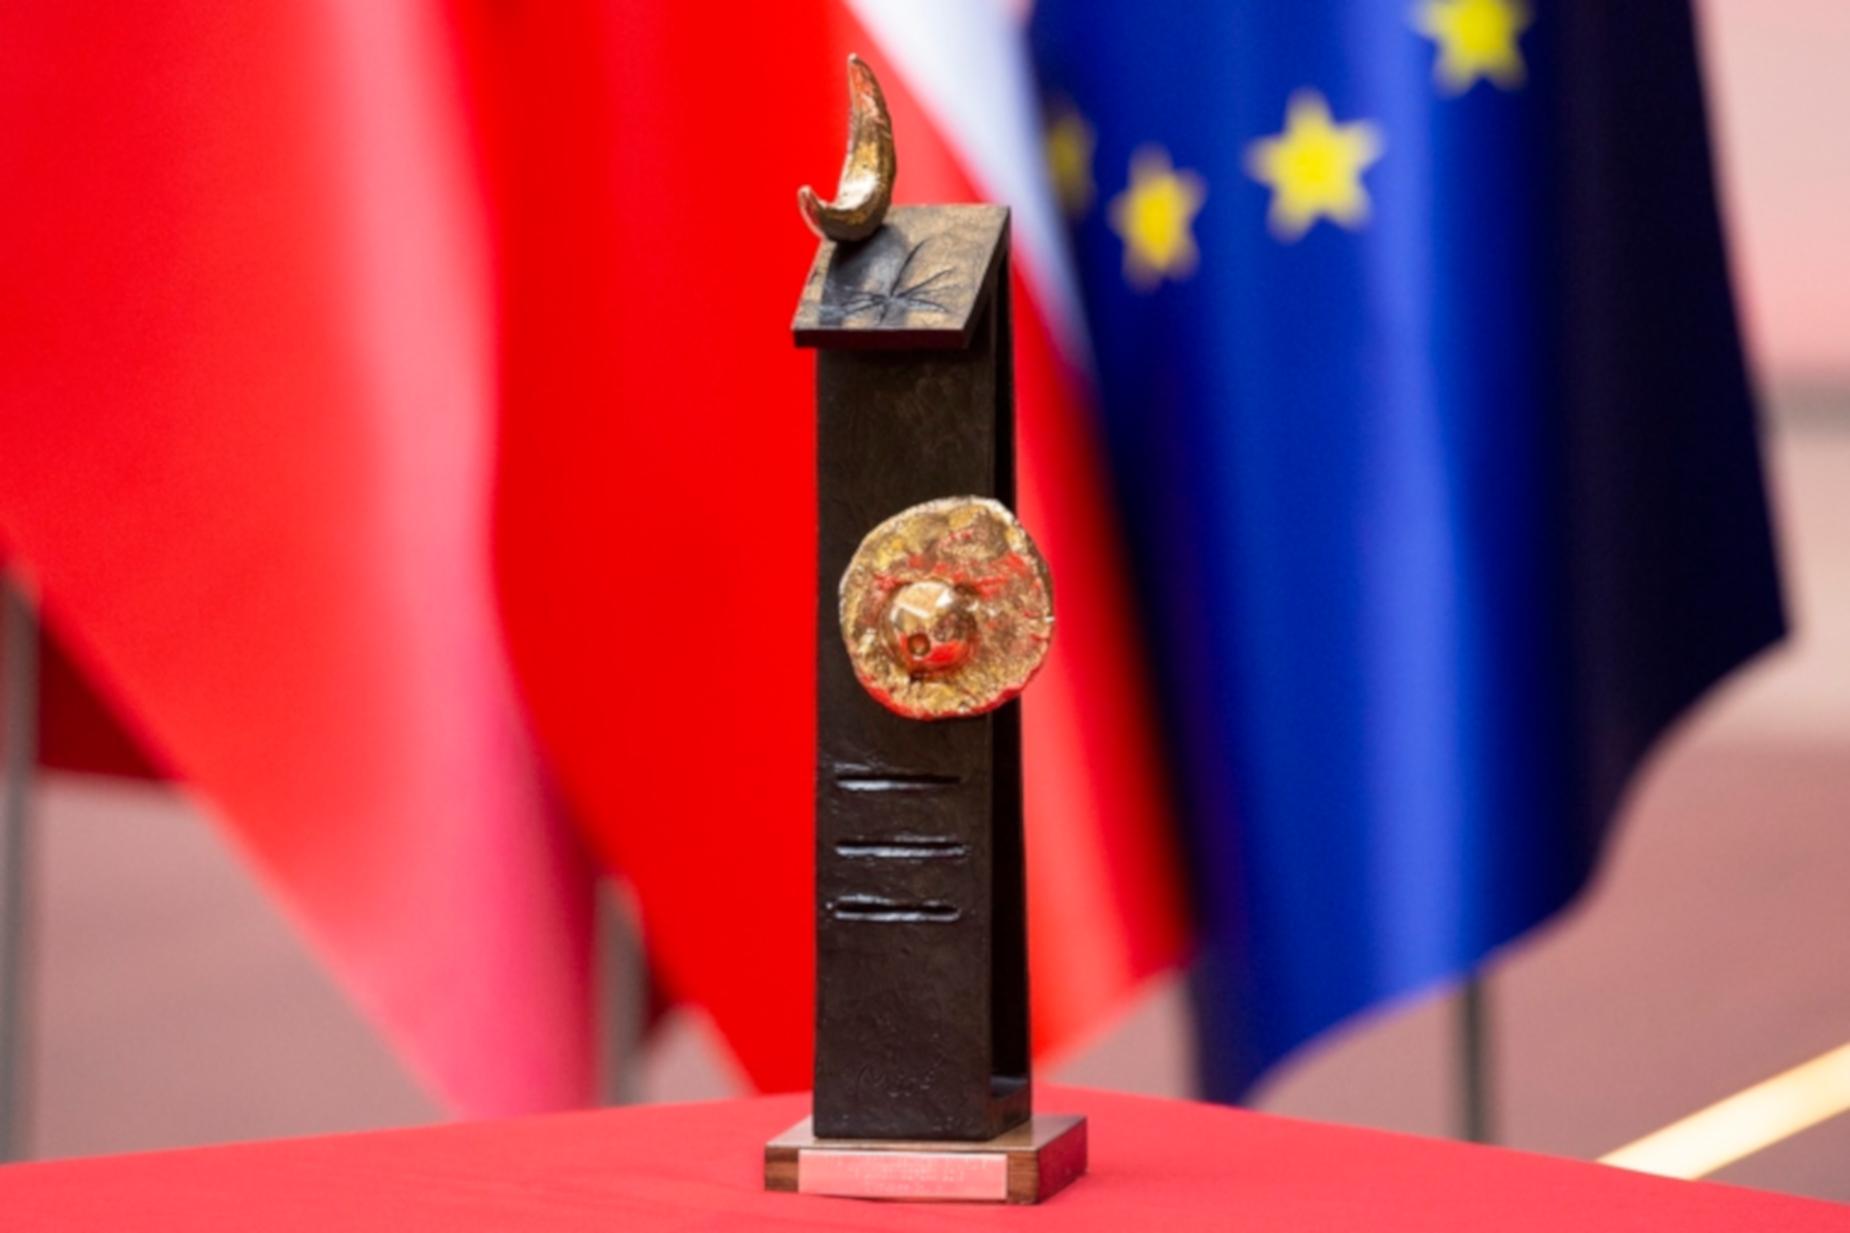 Gdańszczanie zadecydują na co przeznaczyć 50 tysięcy euro od Księżnej Asturii. Głosowanie trwa do północy w piątek